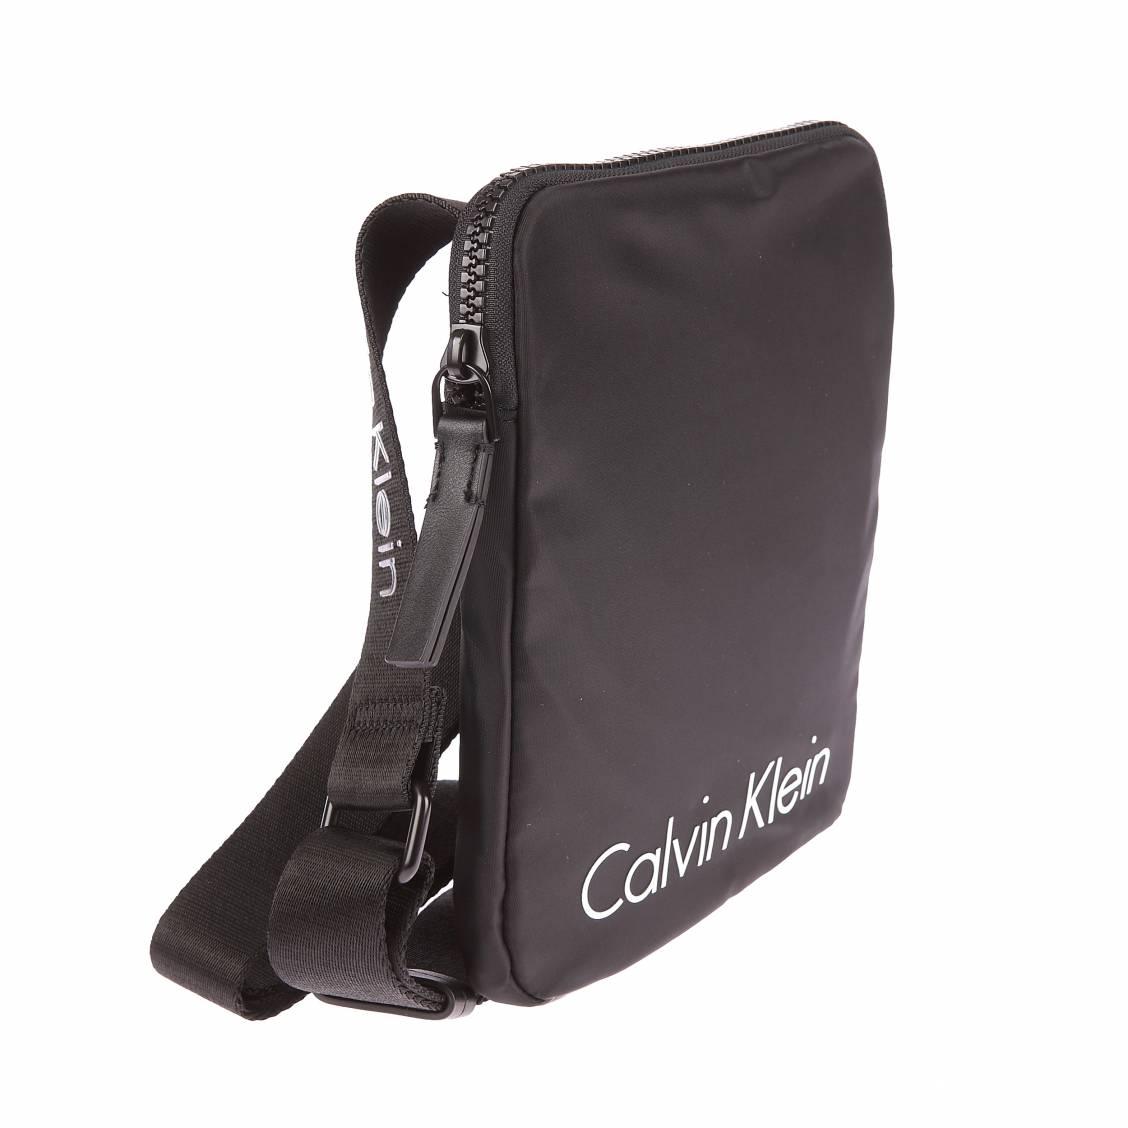 Petite sacoche porté croisé Calvin Klein Jeans Blithe noire 4I55aGdY